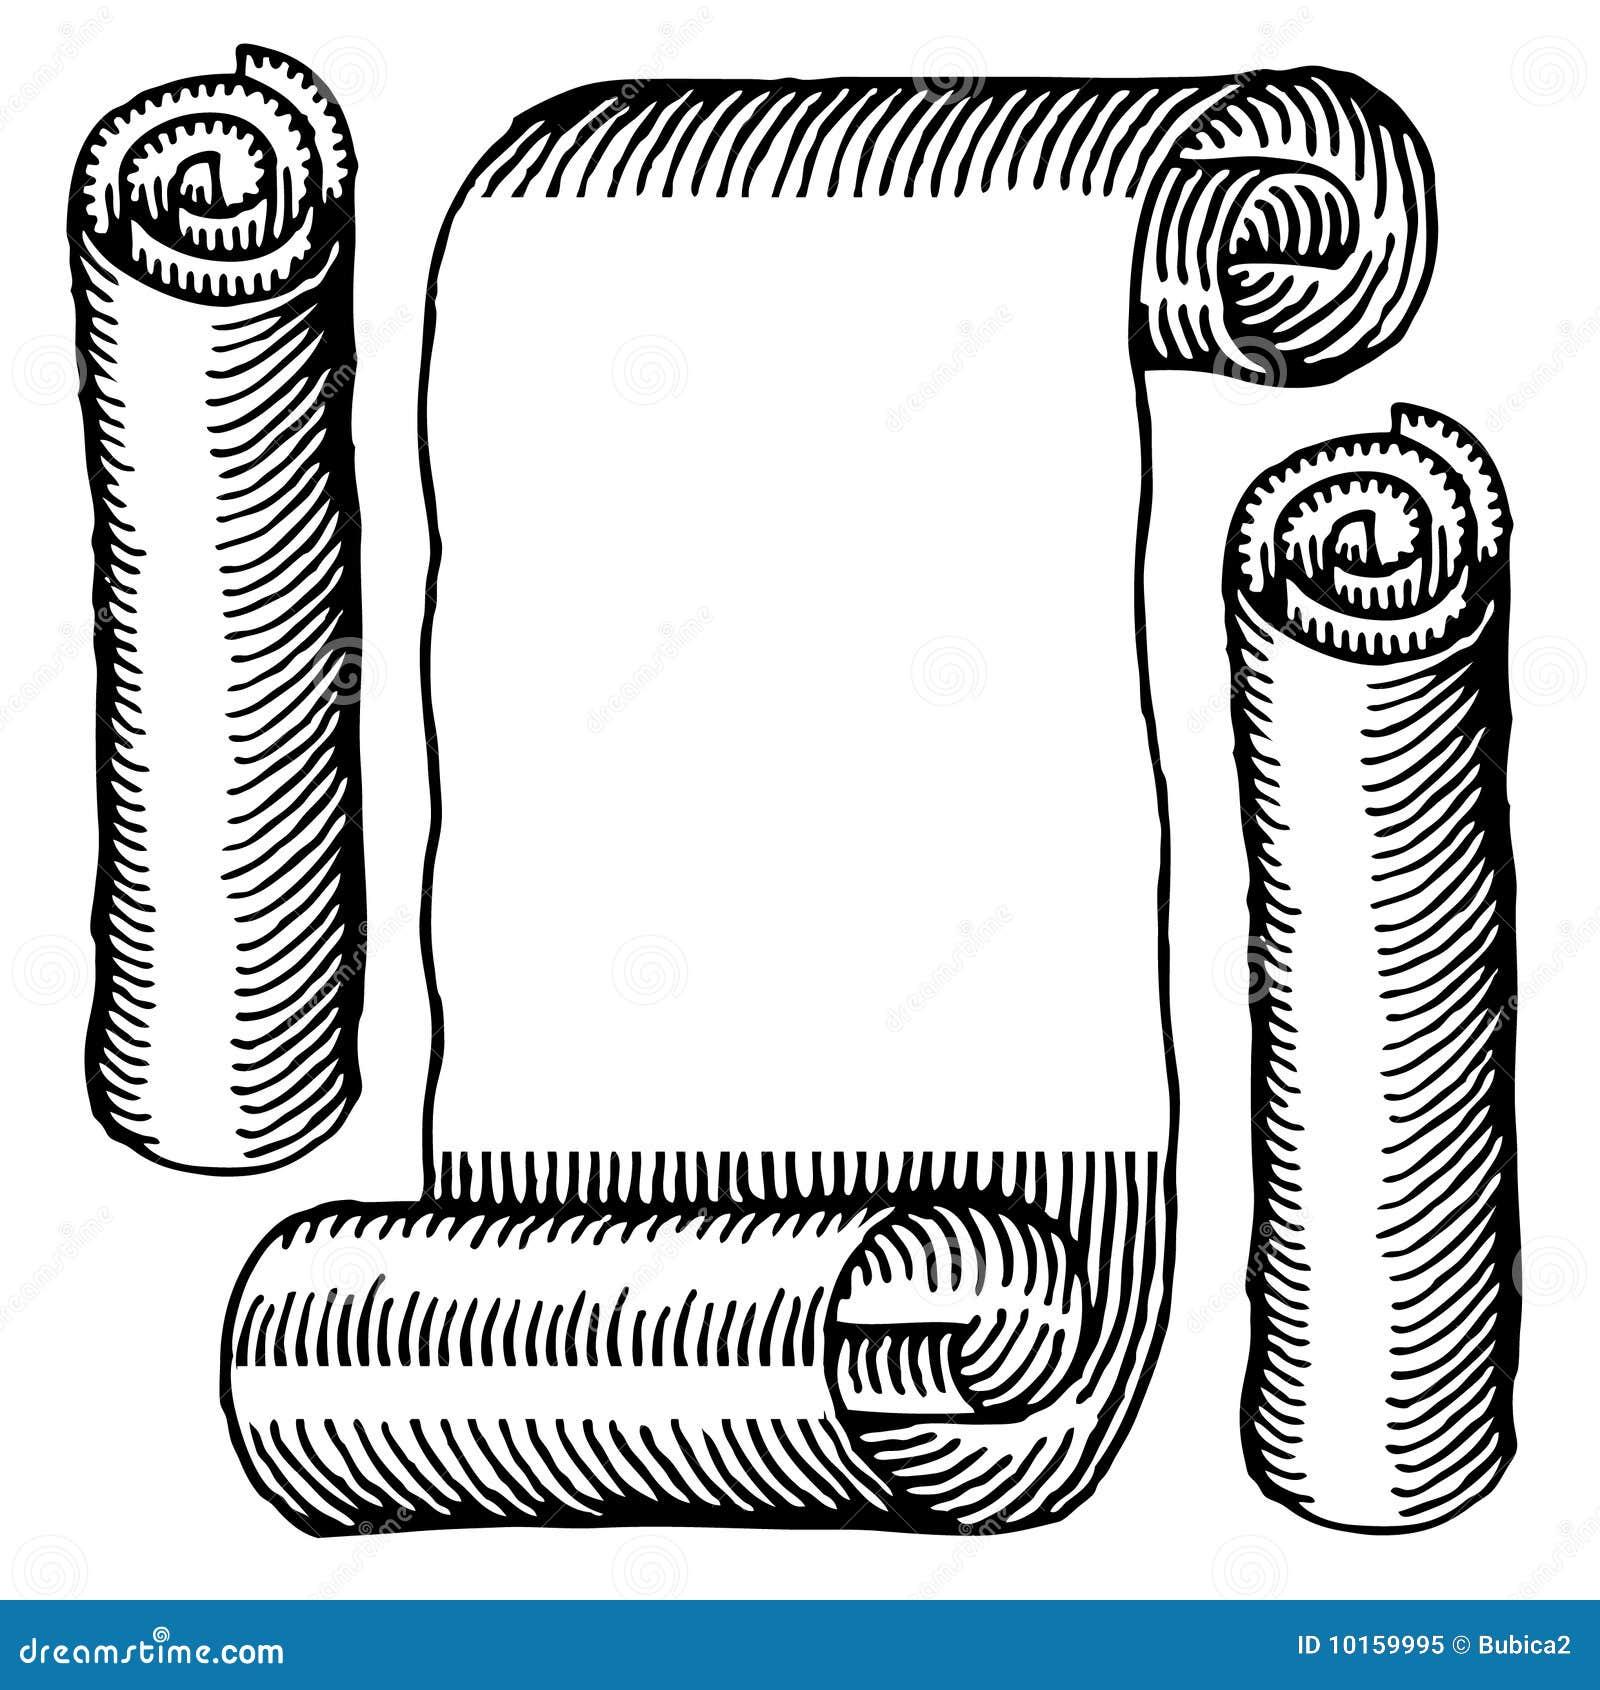 Broodjes van het document graveerden zwart-wit